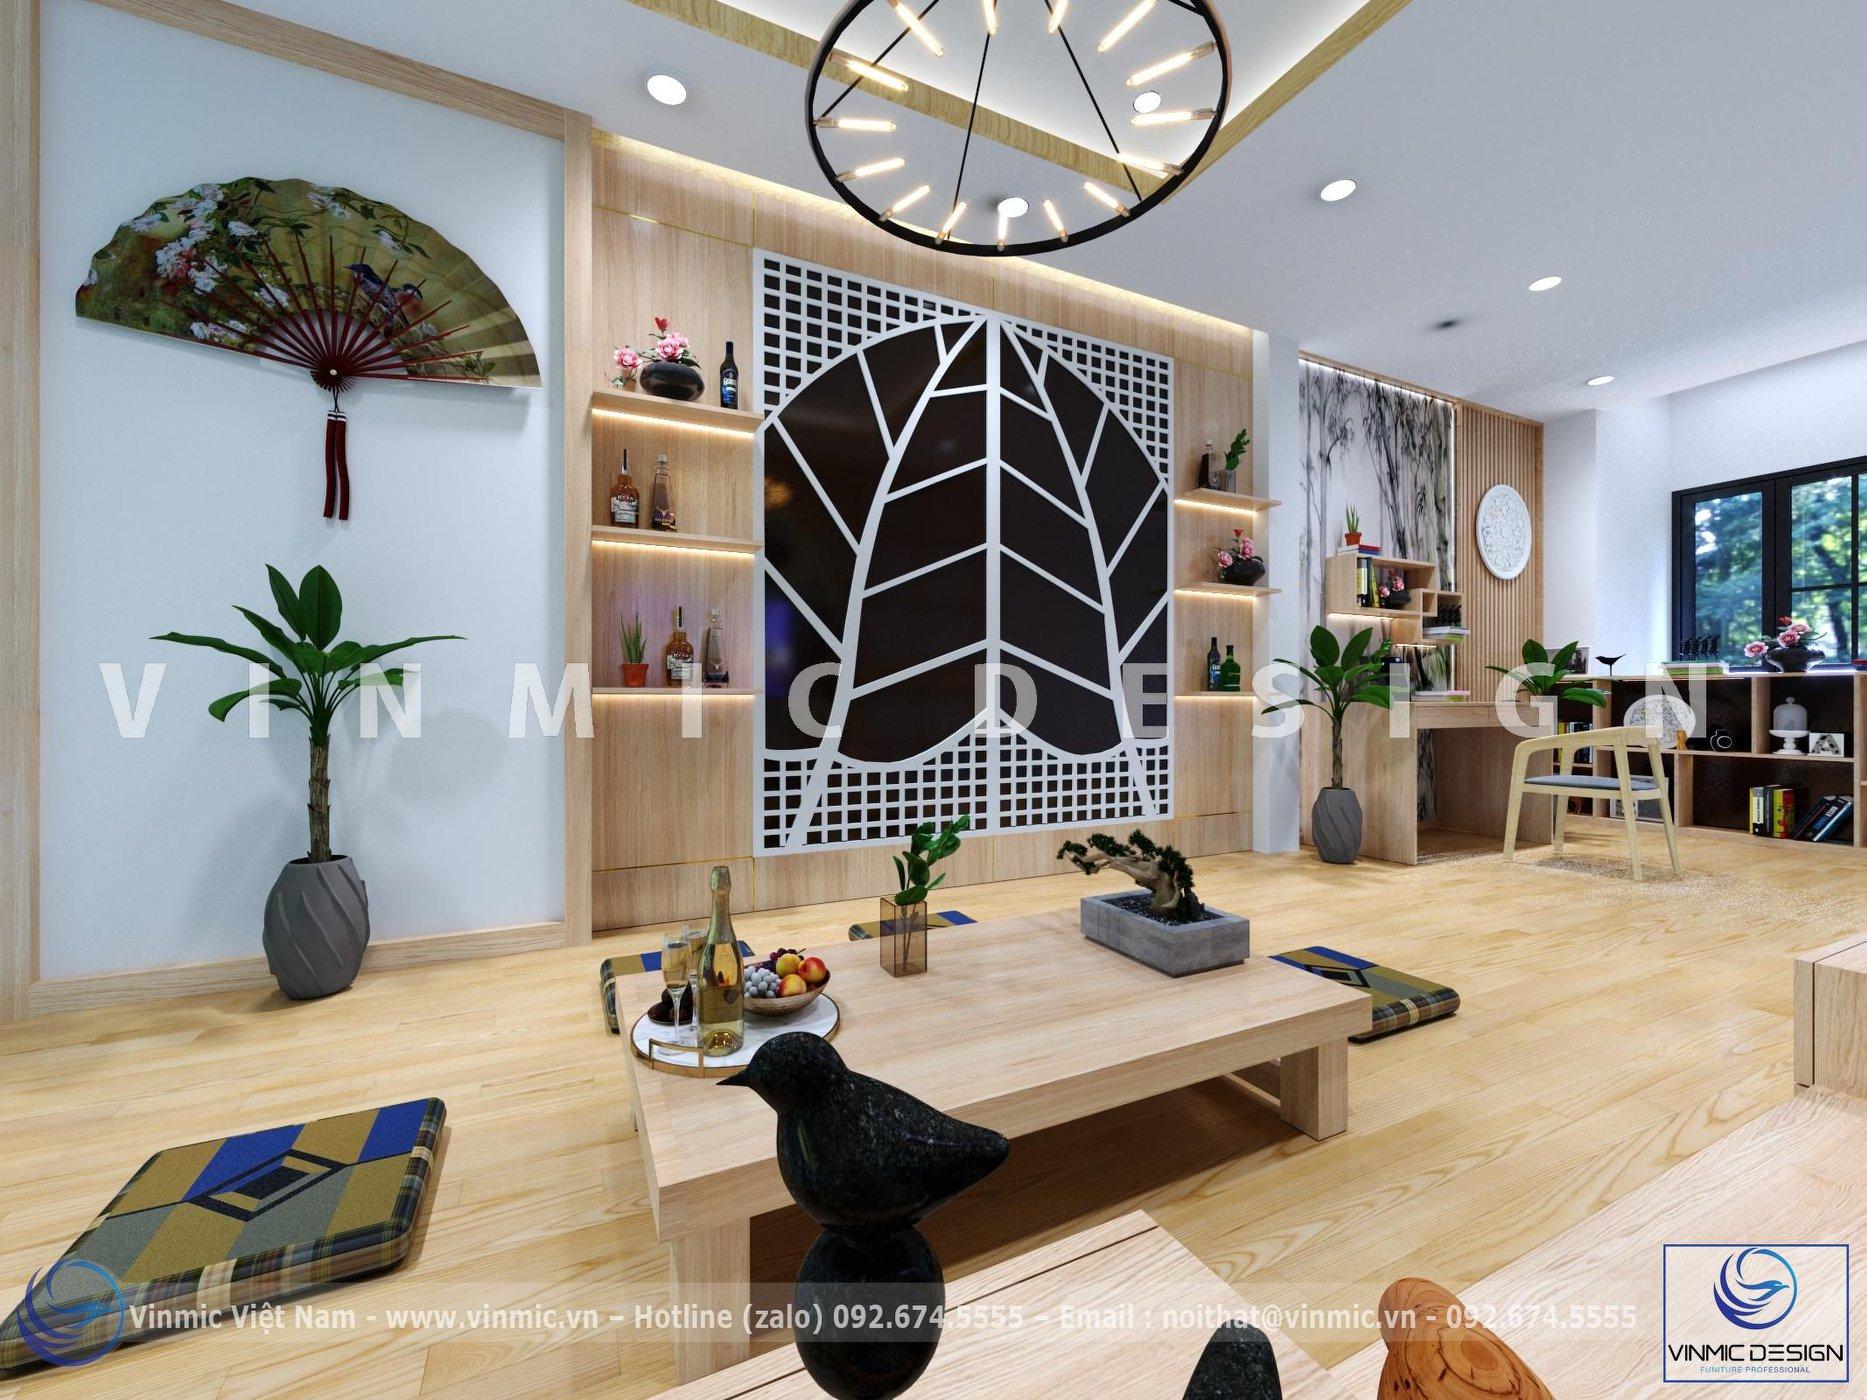 Thiết kế nội thất phòng khách theo phong cách Nhật Bản